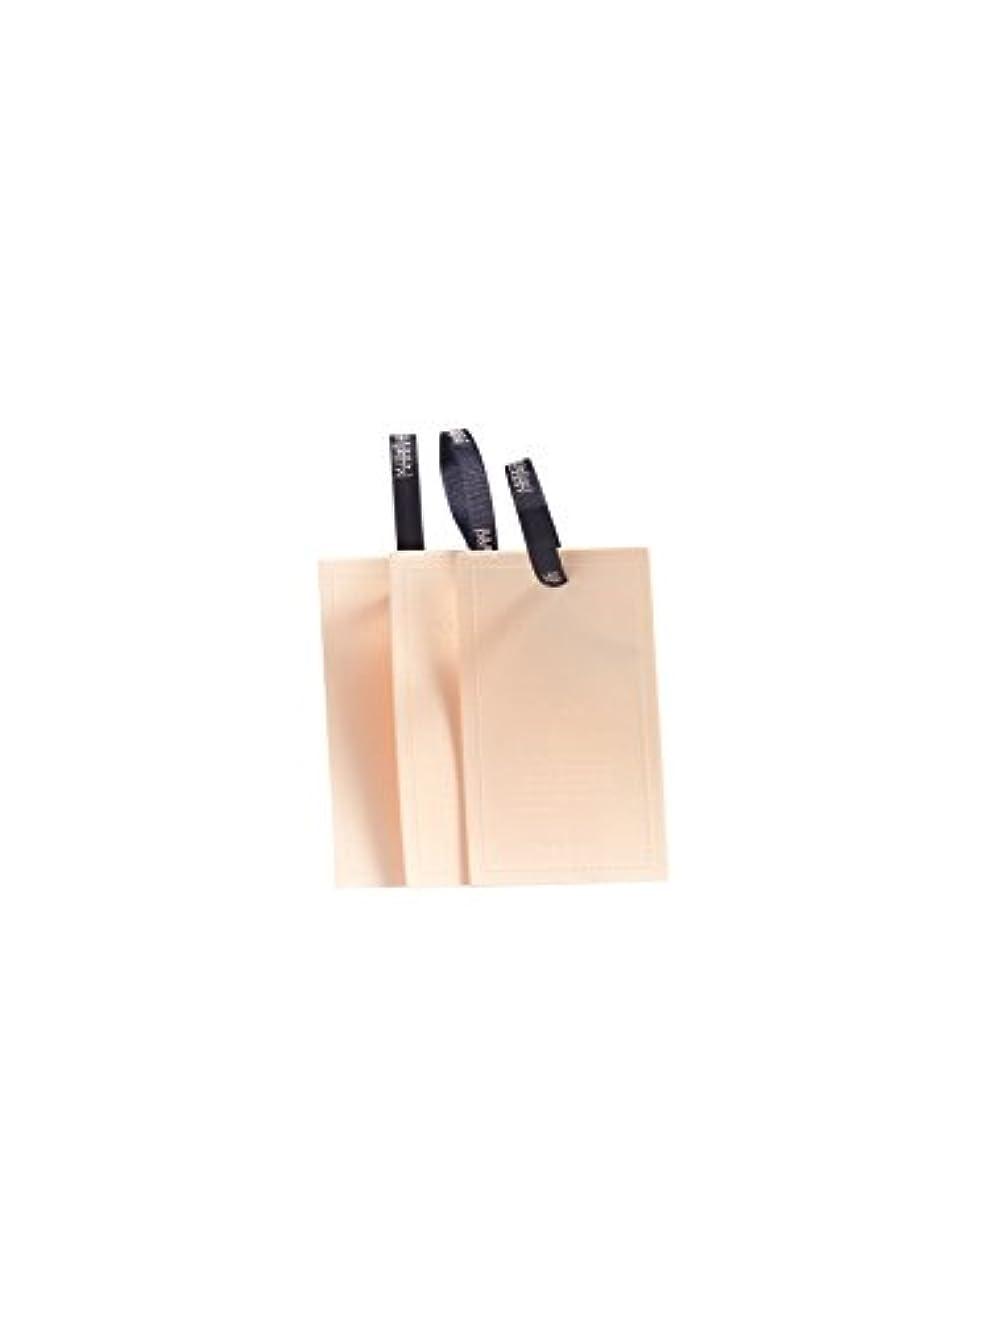 表示種類ホステルMillefiori センテッドカード ナルシス CARD-A-001